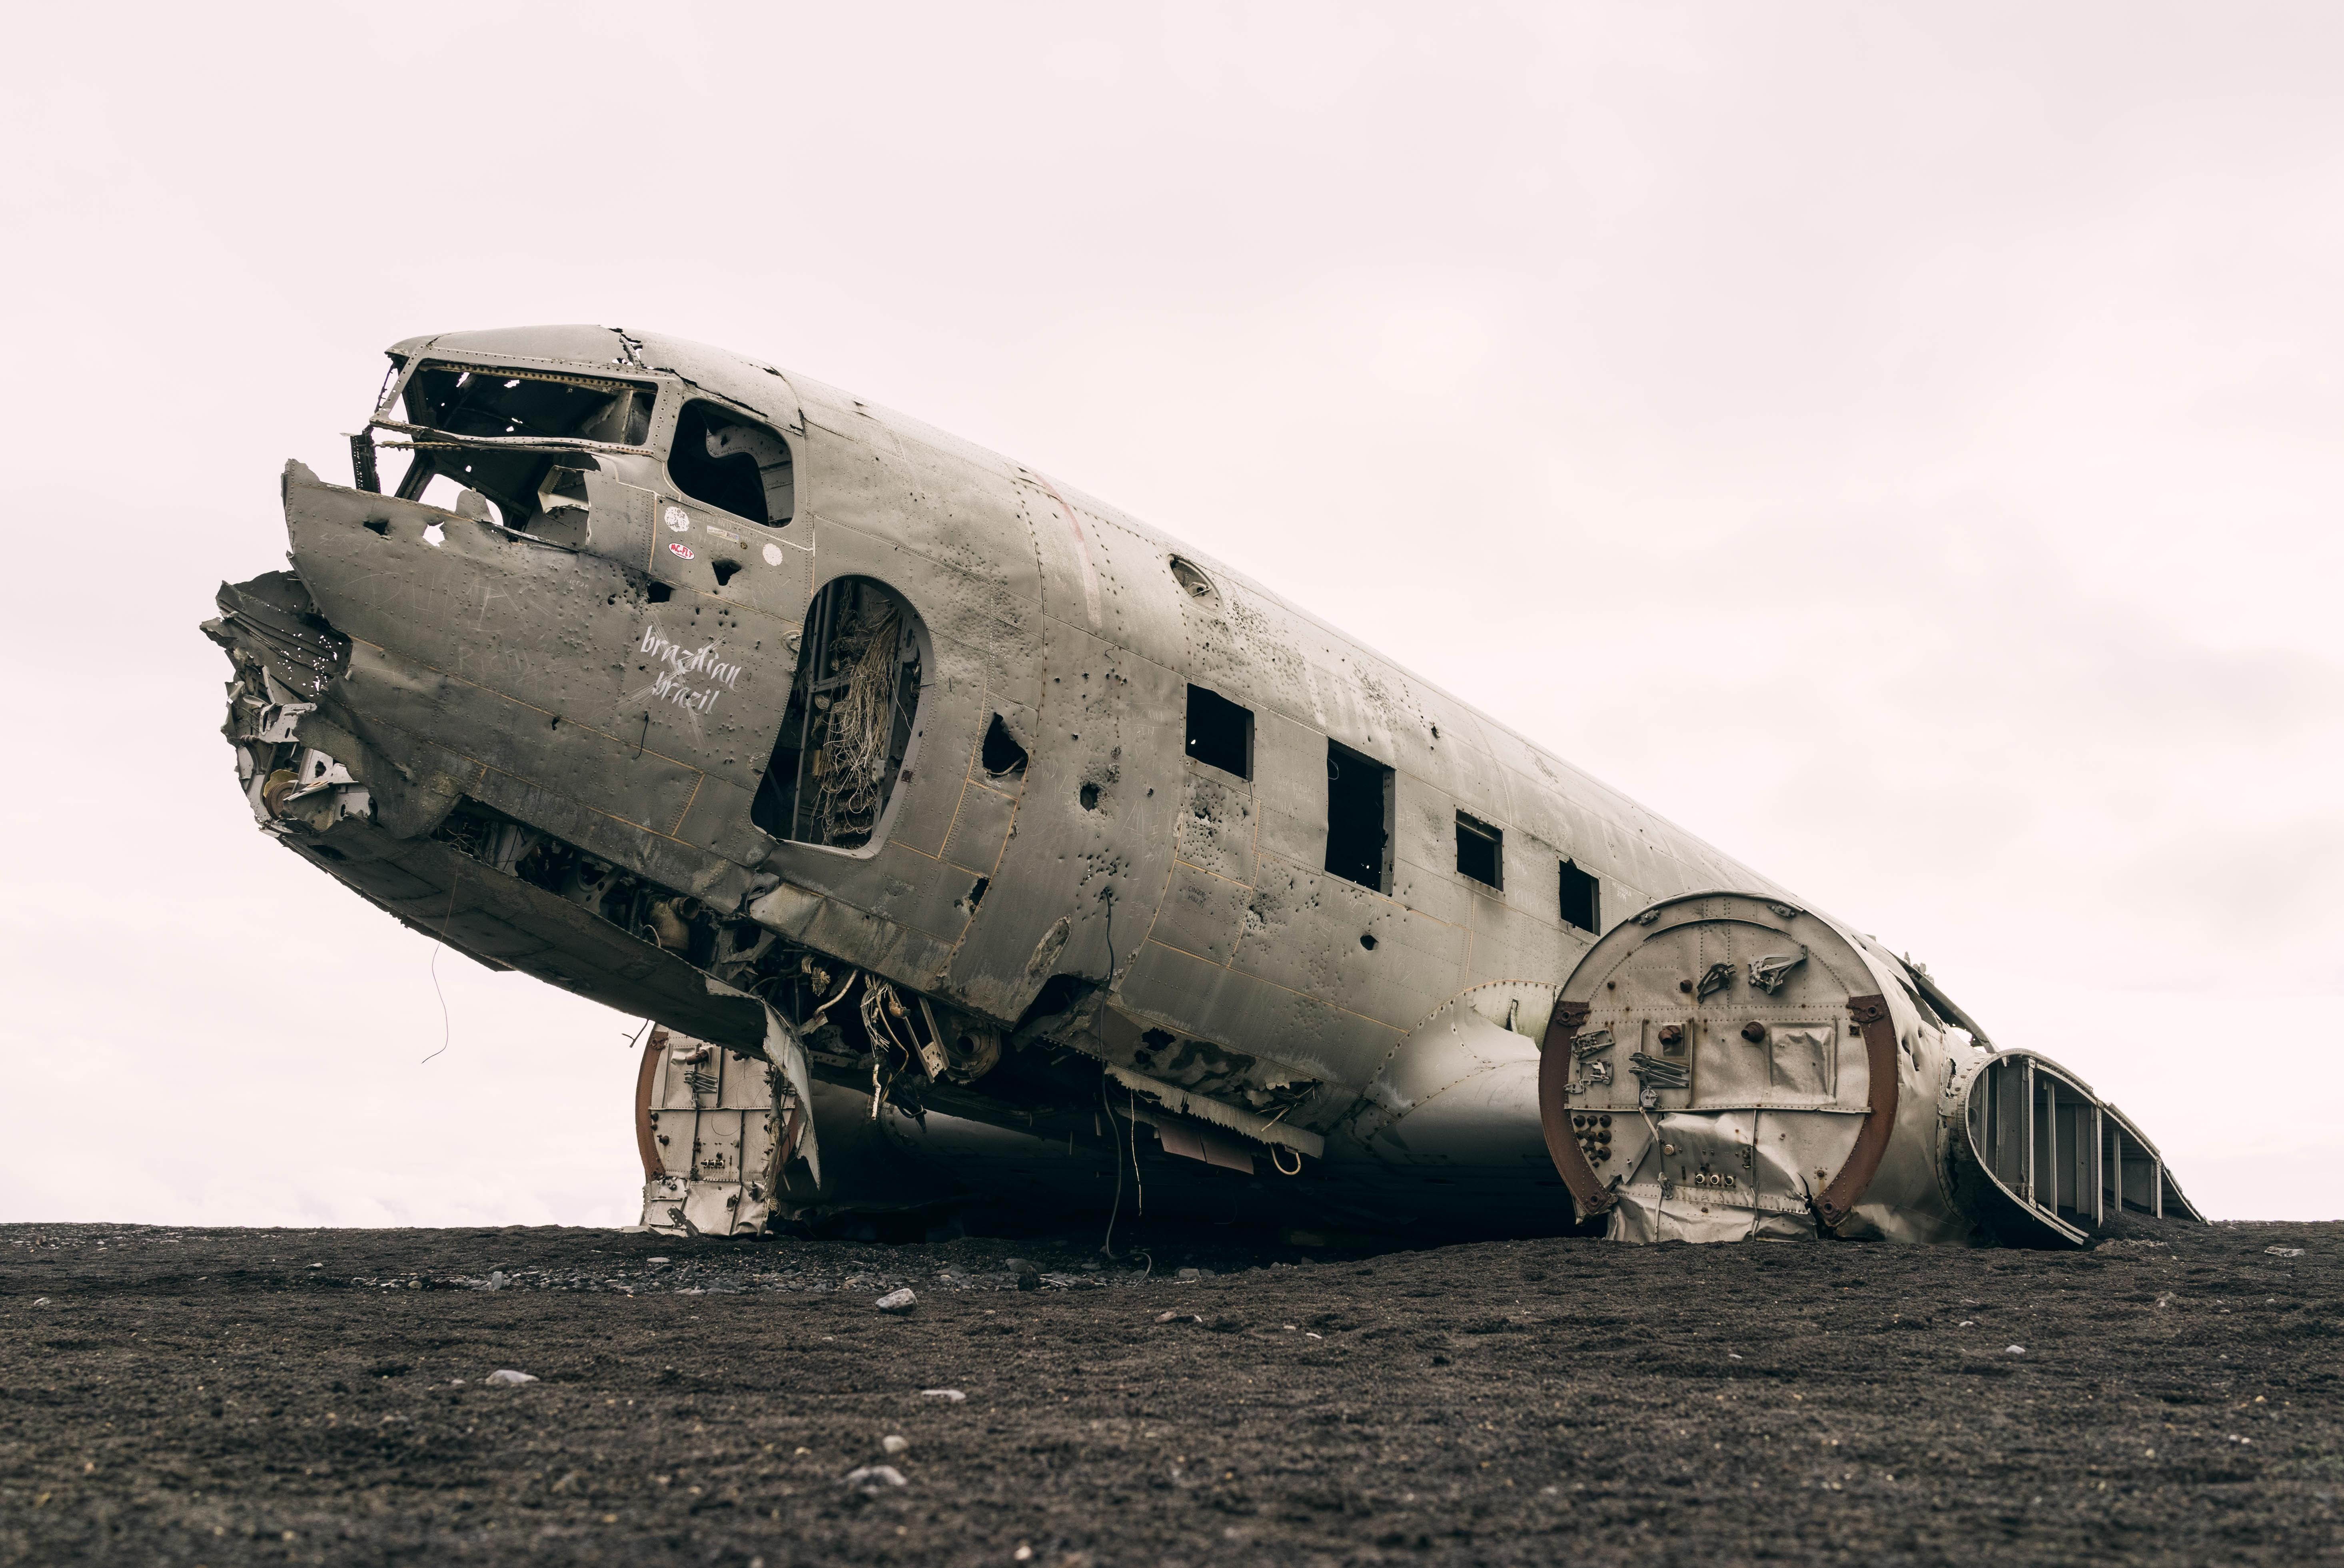 Rust, Air, Airplane, Iceland, Metal, HQ Photo